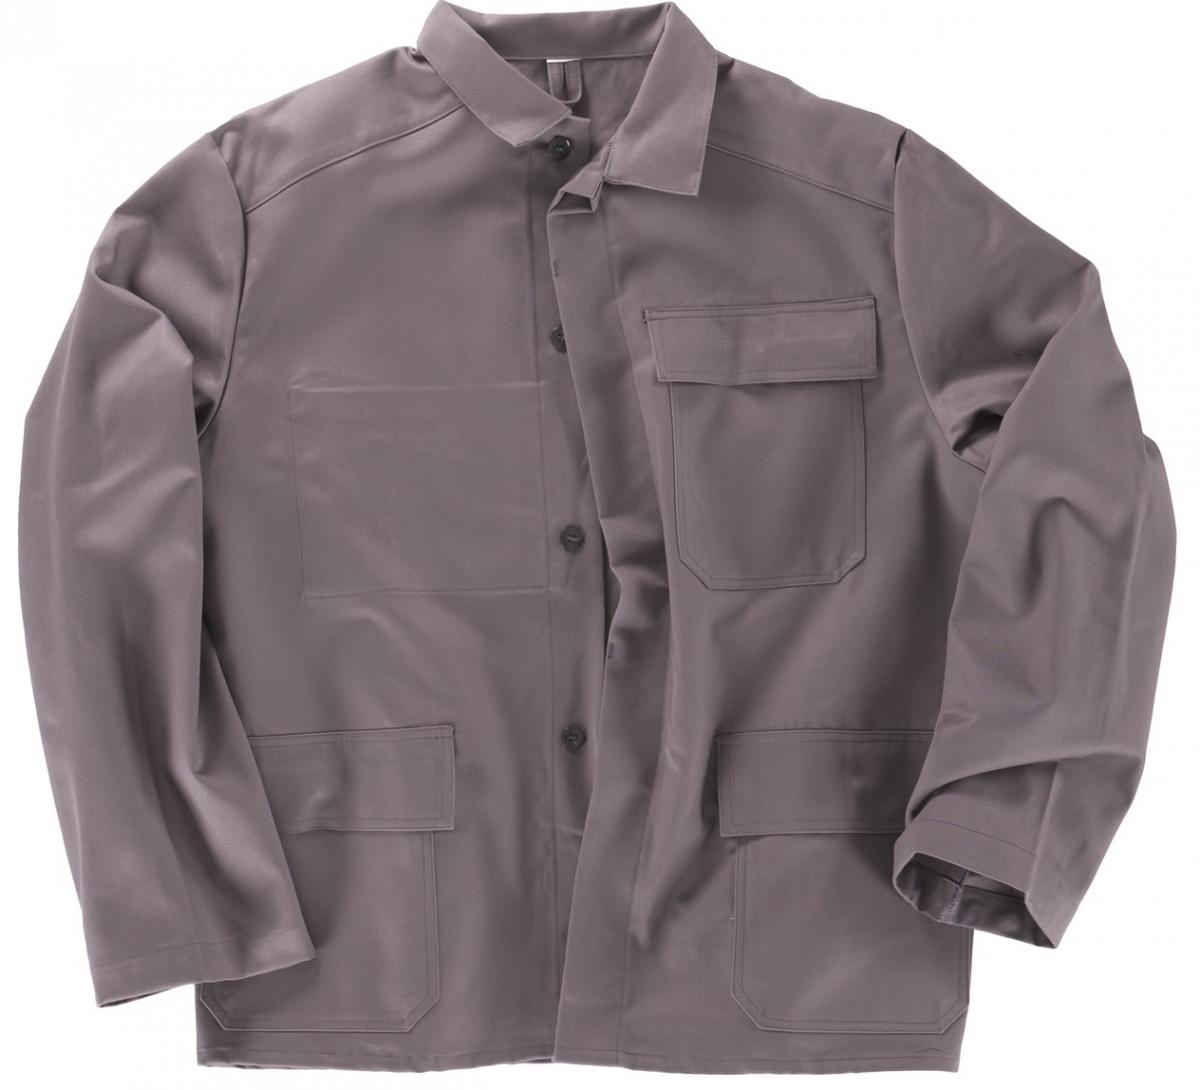 BEB-PSA-Schweißer-Arbeits-Schutz-Berufs-Jacke, BW 460, grau